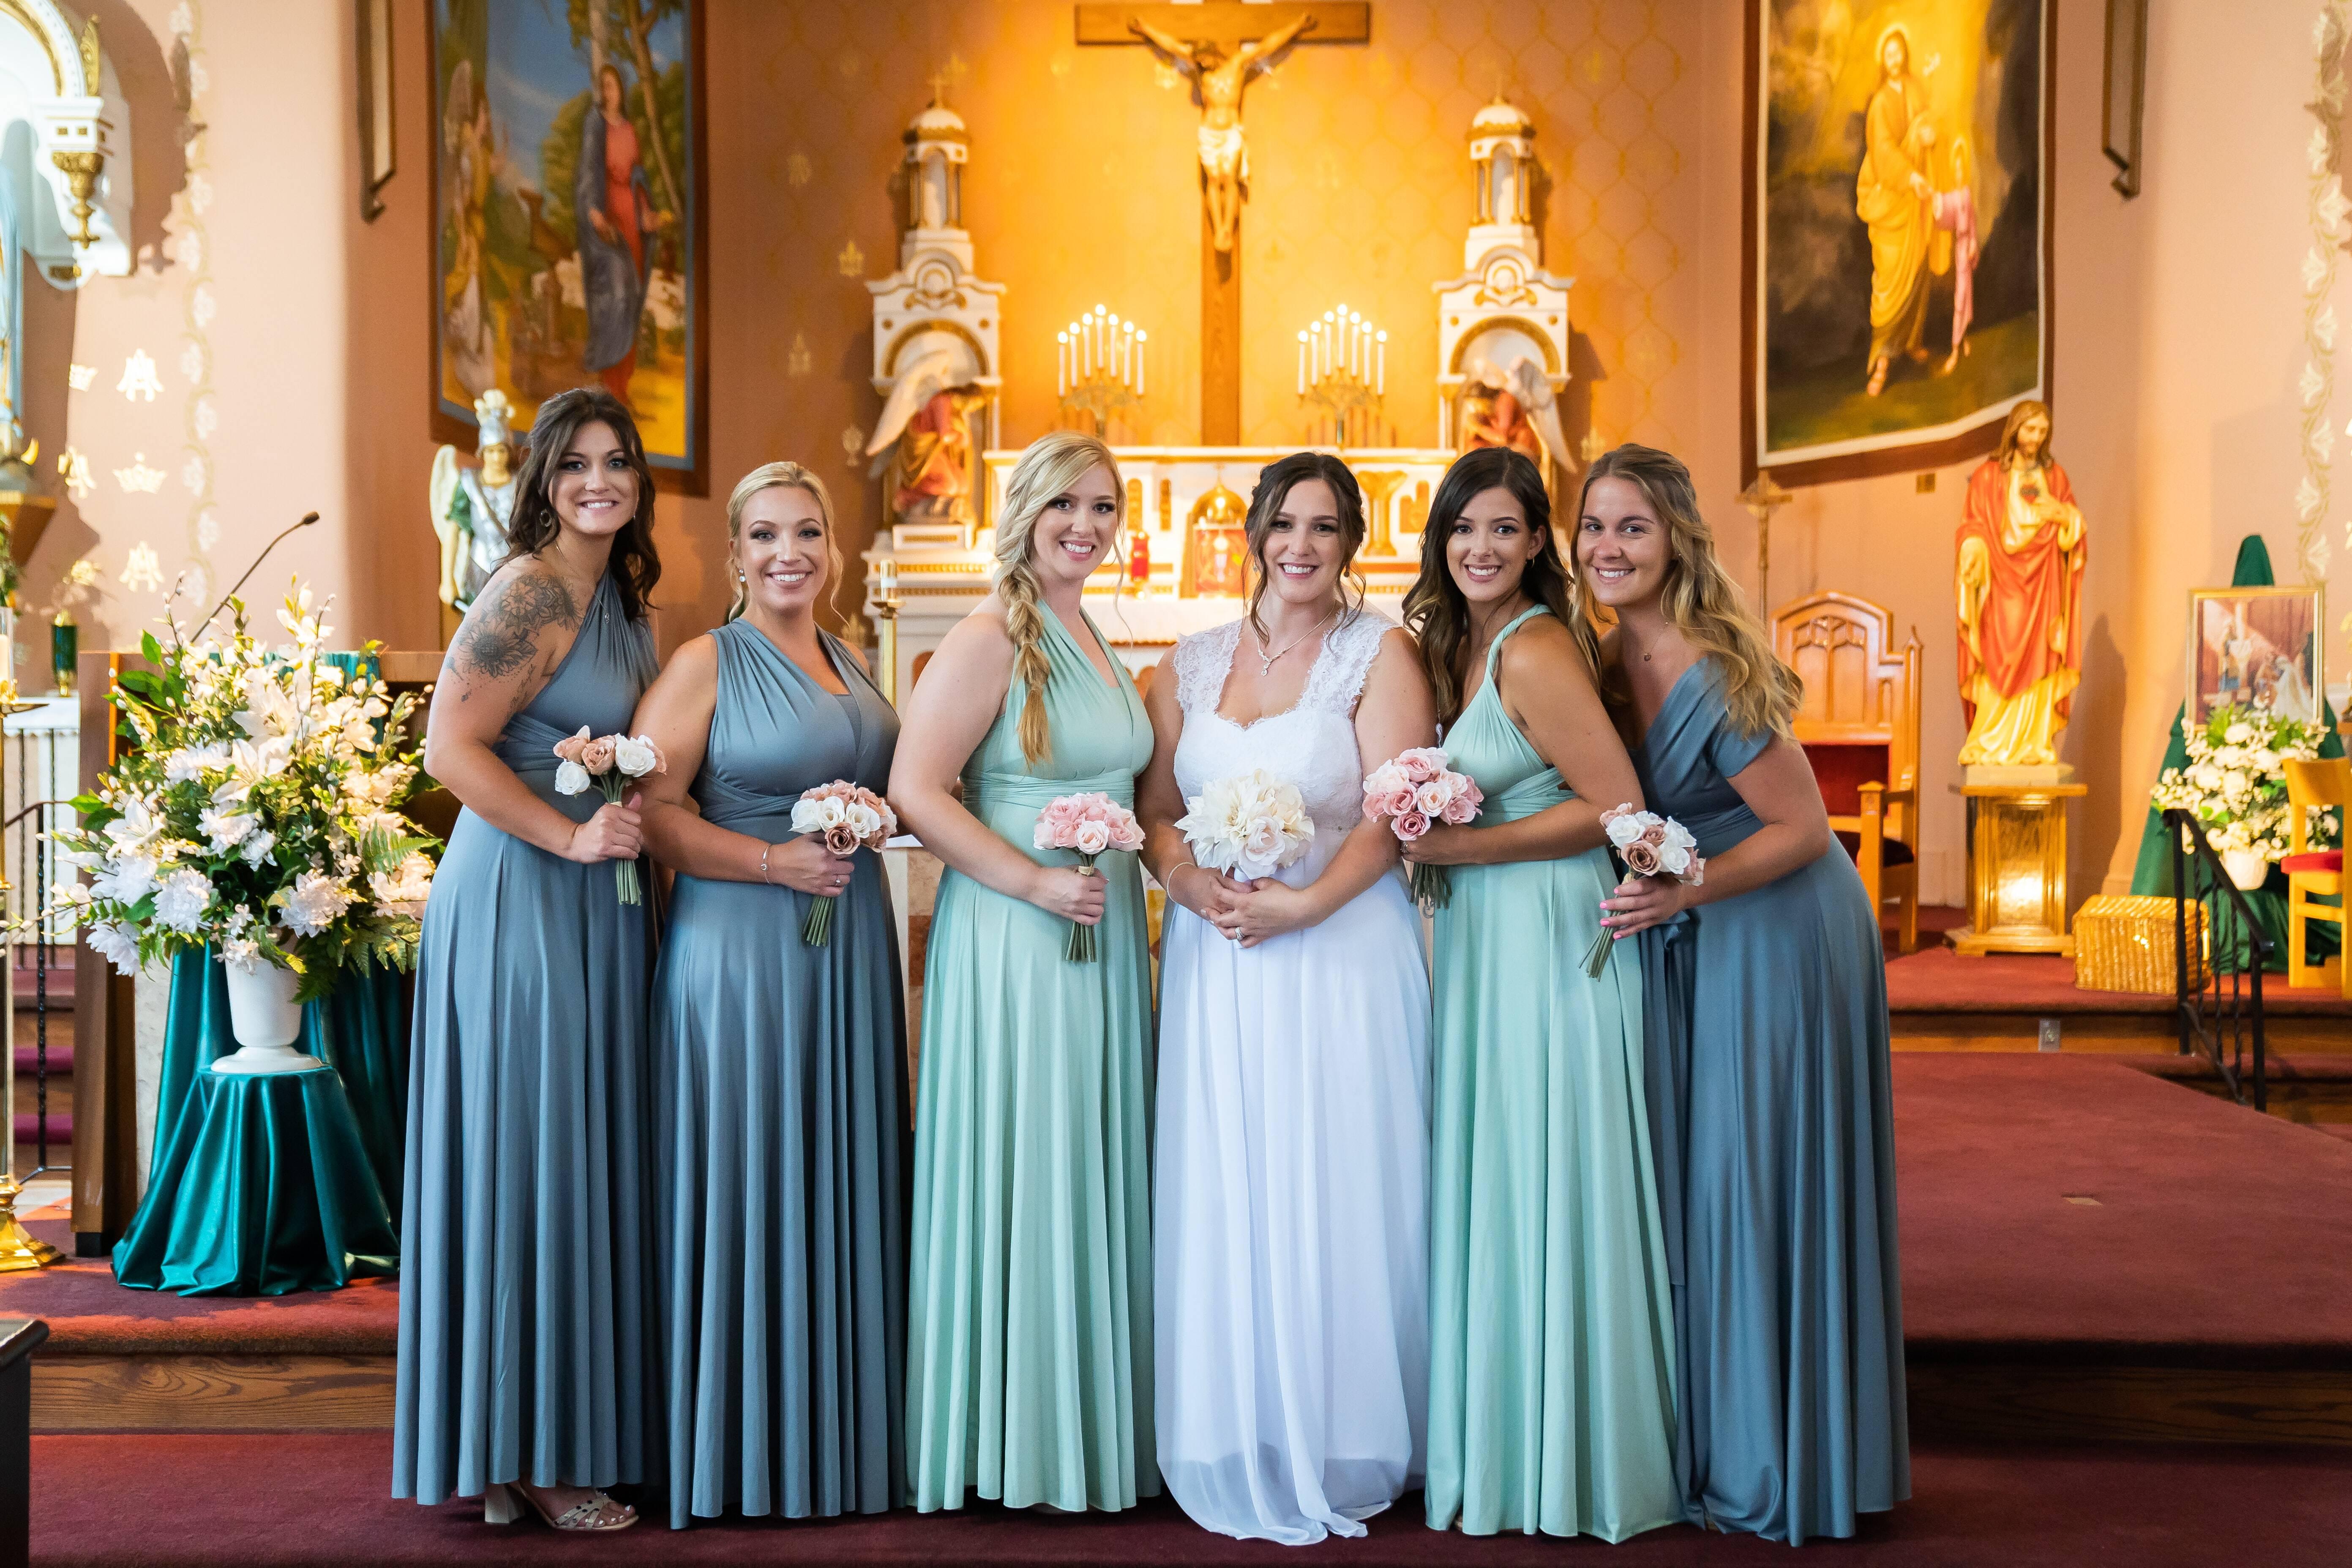 Casamento dentro de uma igreja. Foto: Reprodução/Unsplash